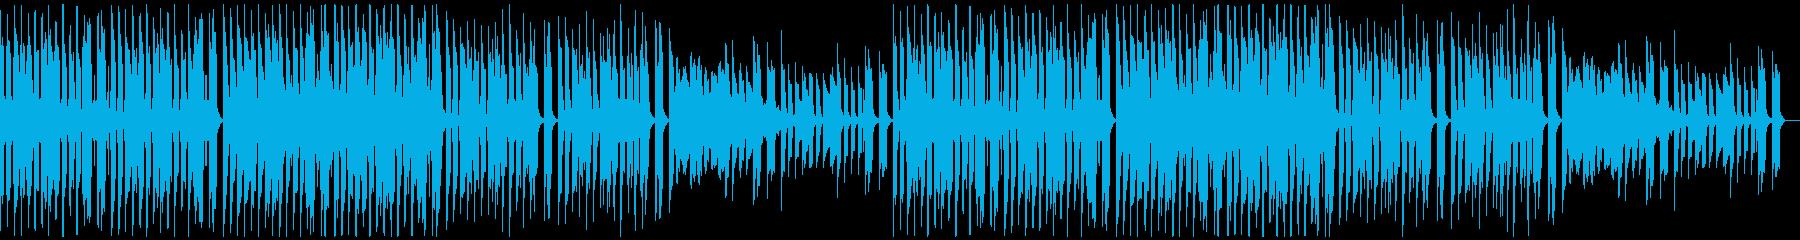 クール・スタイリッシュなBGM・4の再生済みの波形